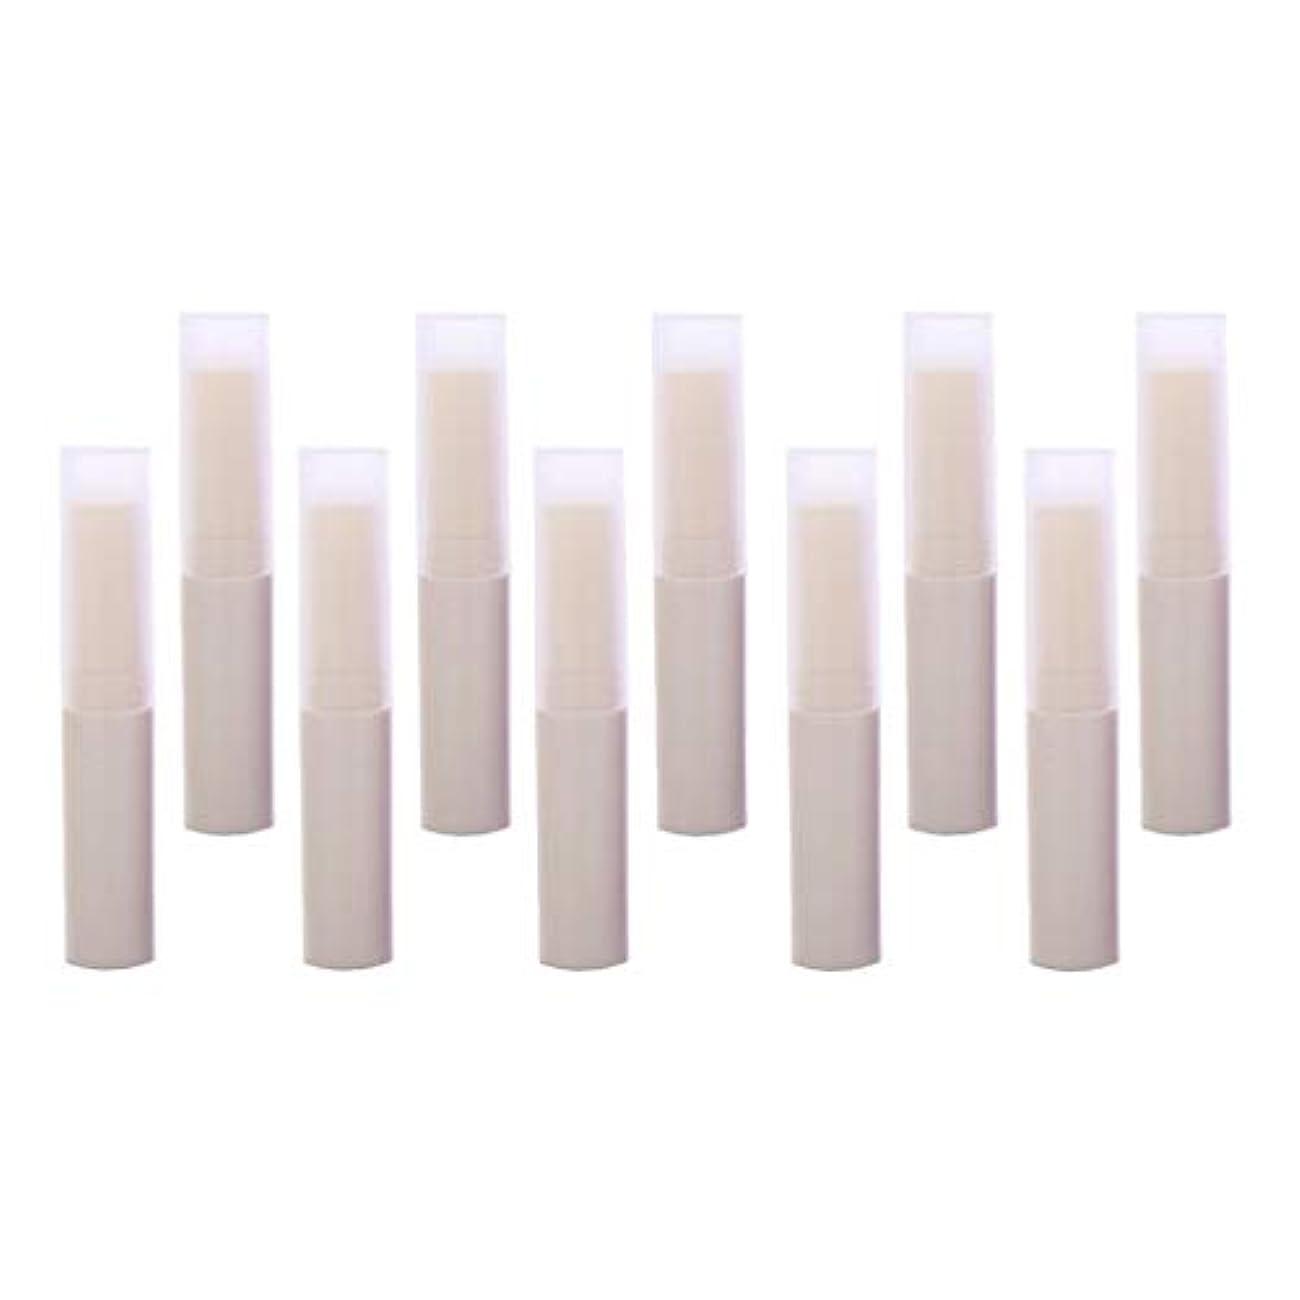 タワーまろやかな測るToygogo リップスティック リップクリーム容器 DIY 化粧道具 詰替え容器 10個 全7色 - ベージュ